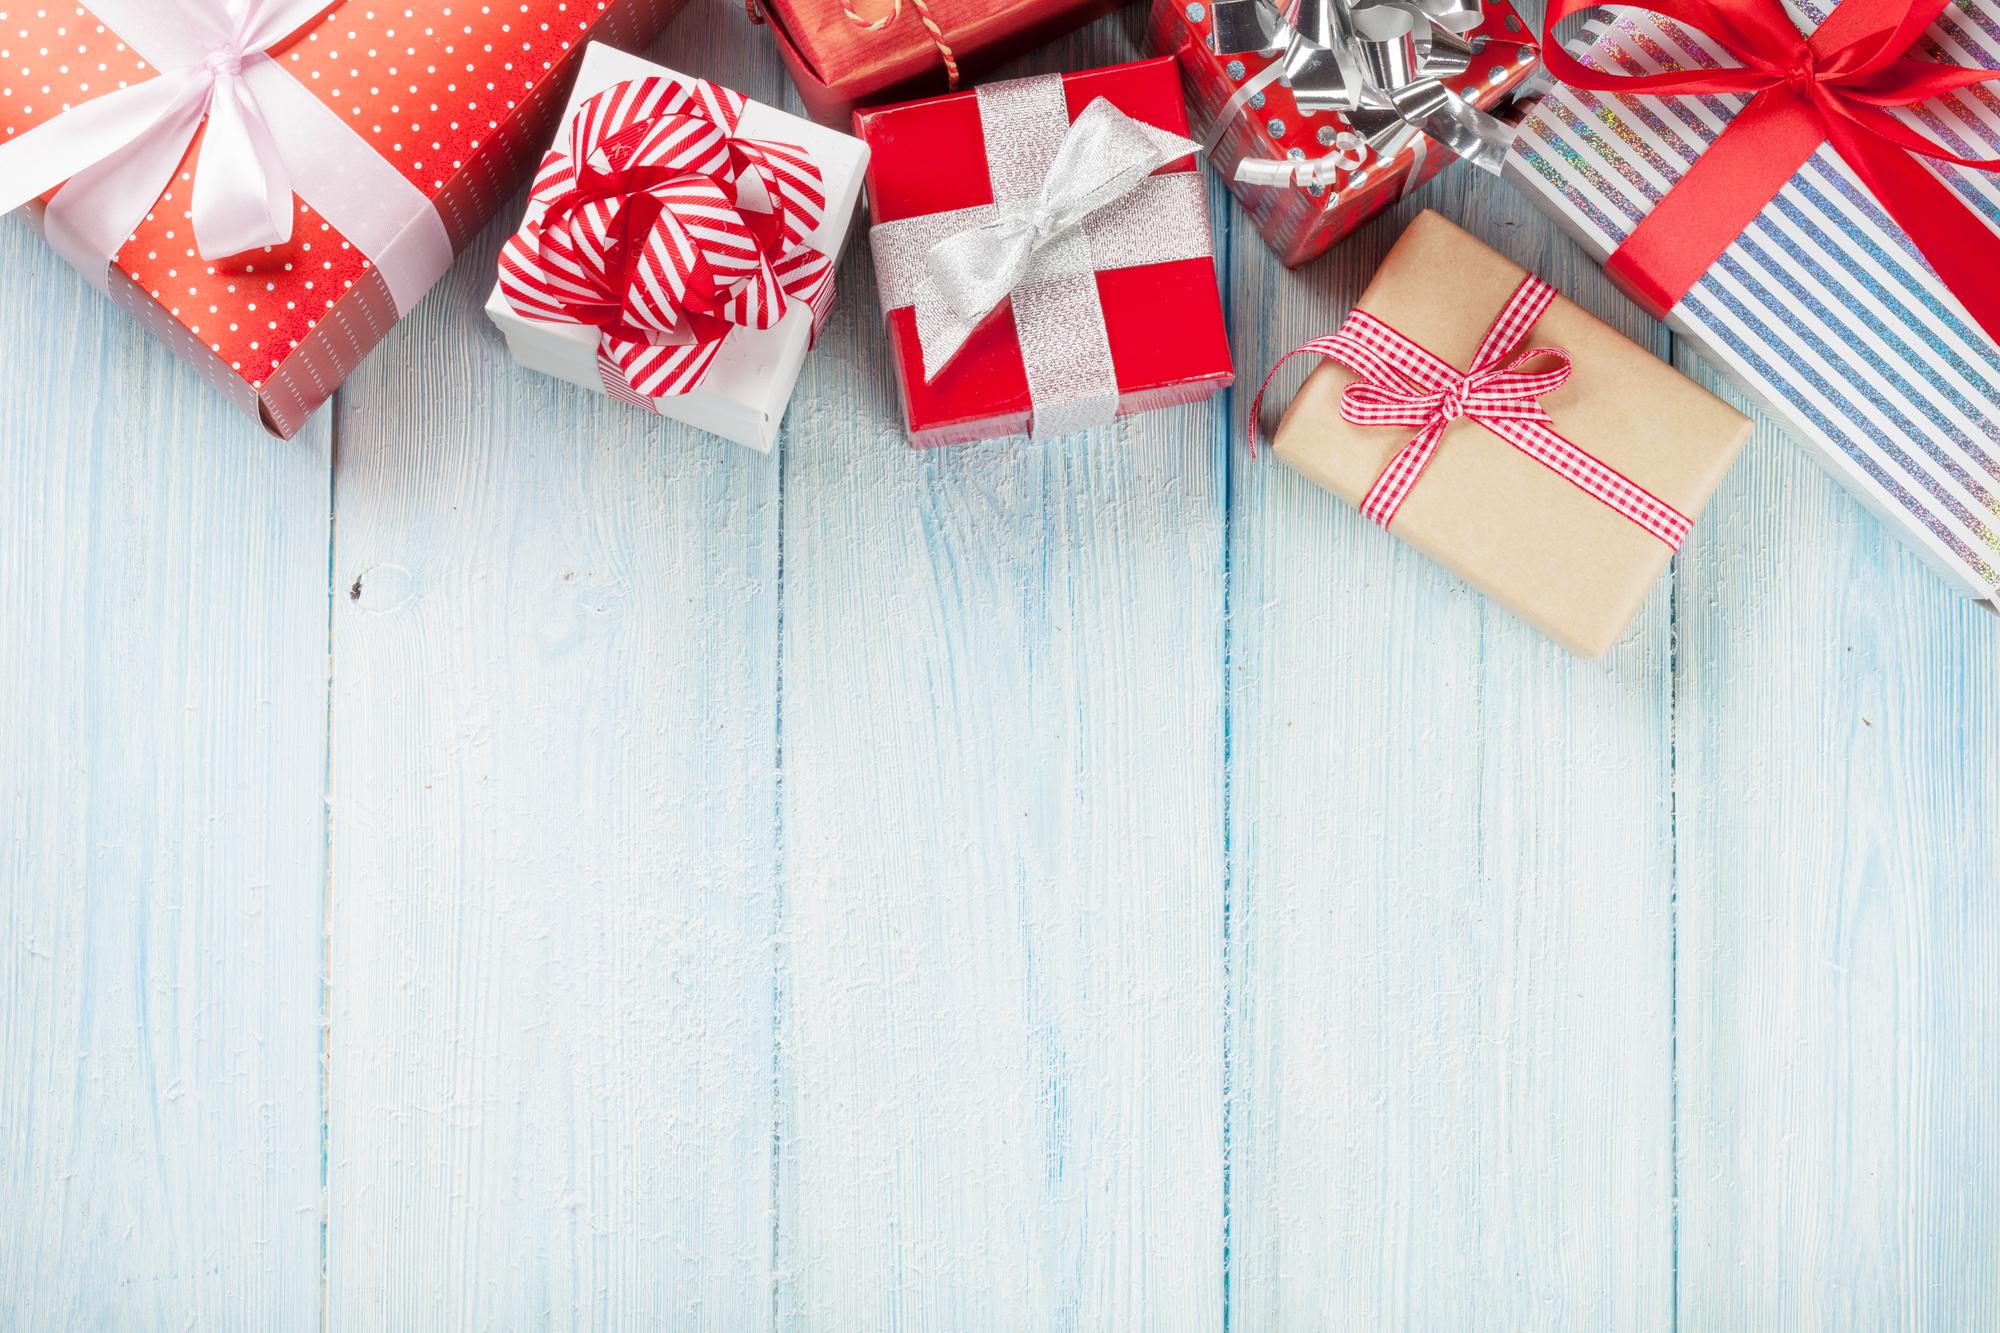 Runner christmas gift ideas